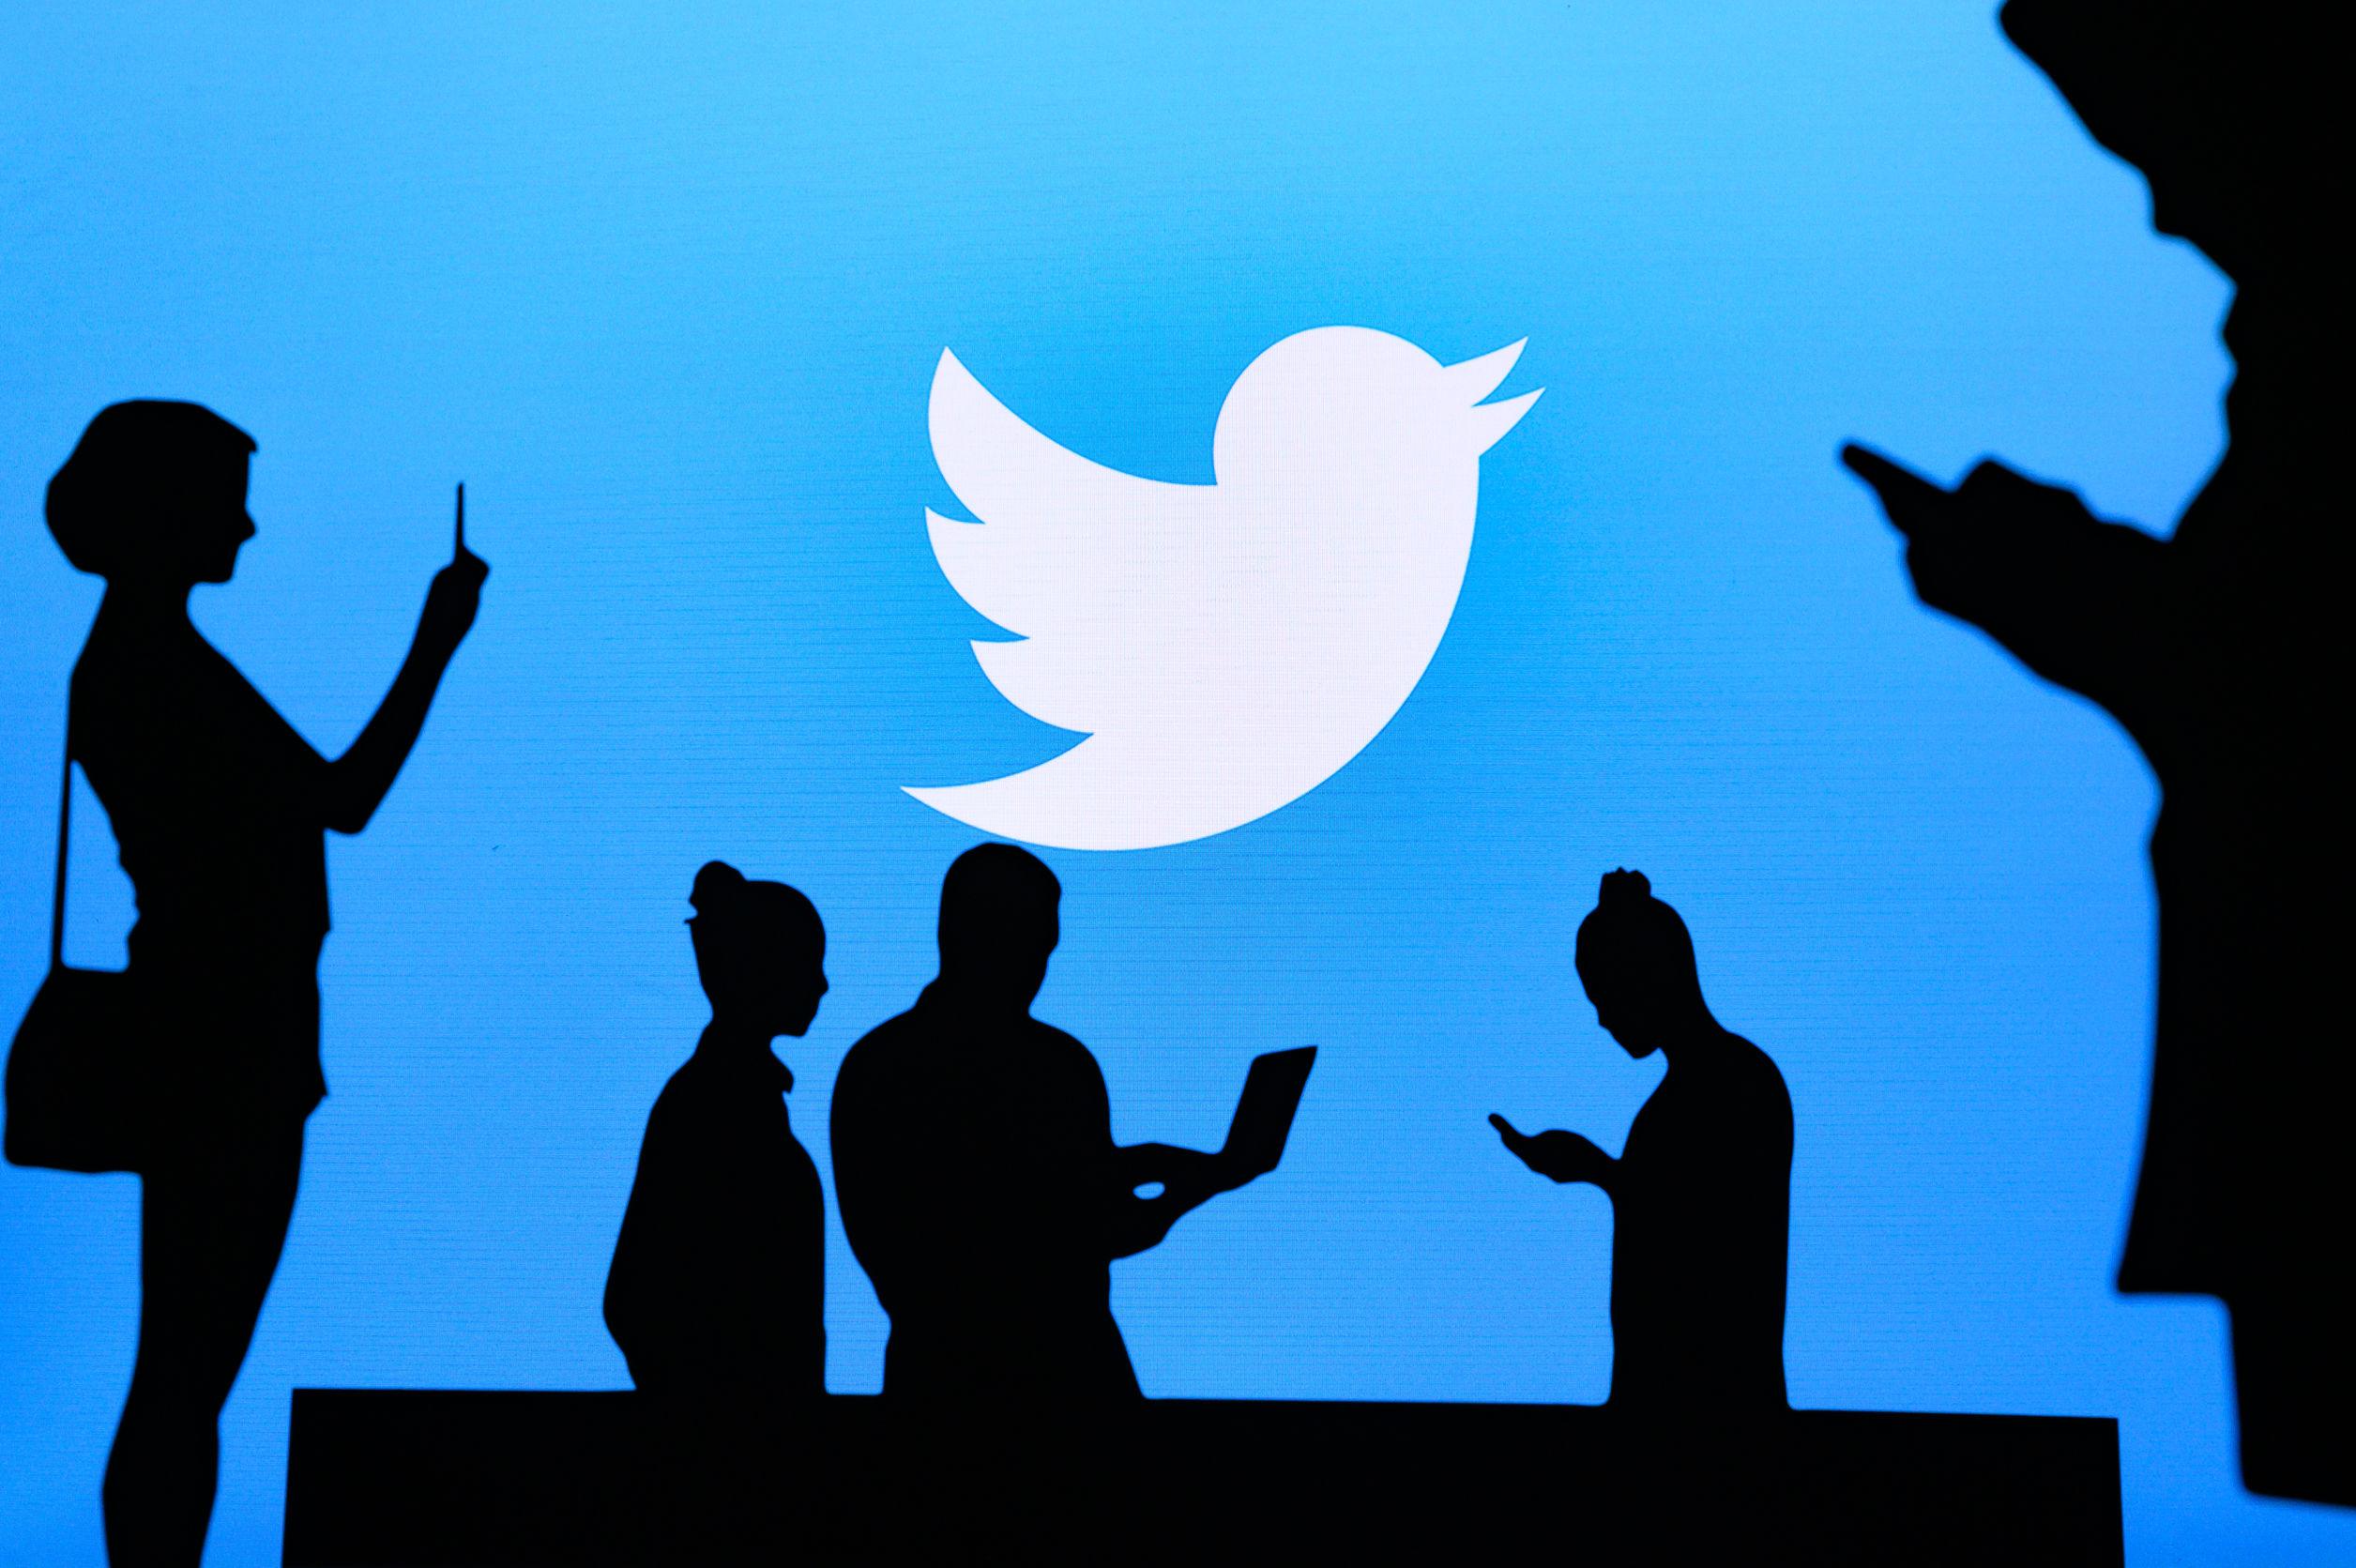 低コストで効率的に広域プロモーションを実施したいならTwitterを活用!!